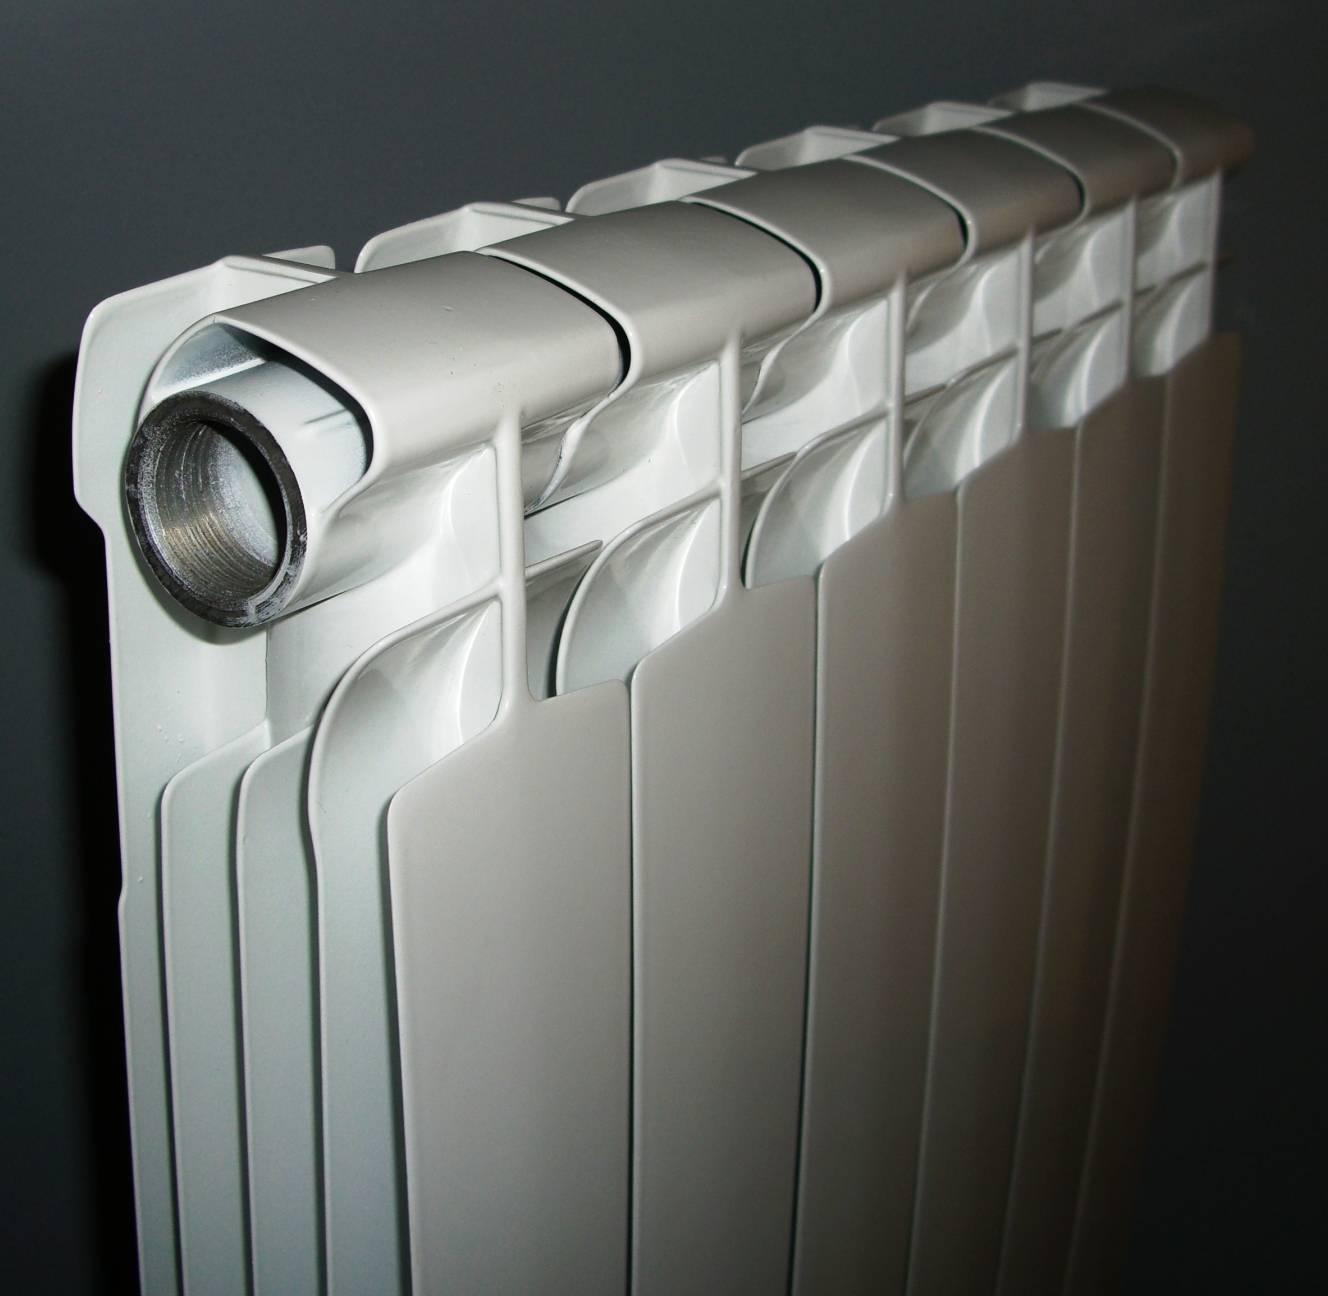 Как выбрать биметаллические радиаторы отопления для квартиры: сравнение 5 брендов